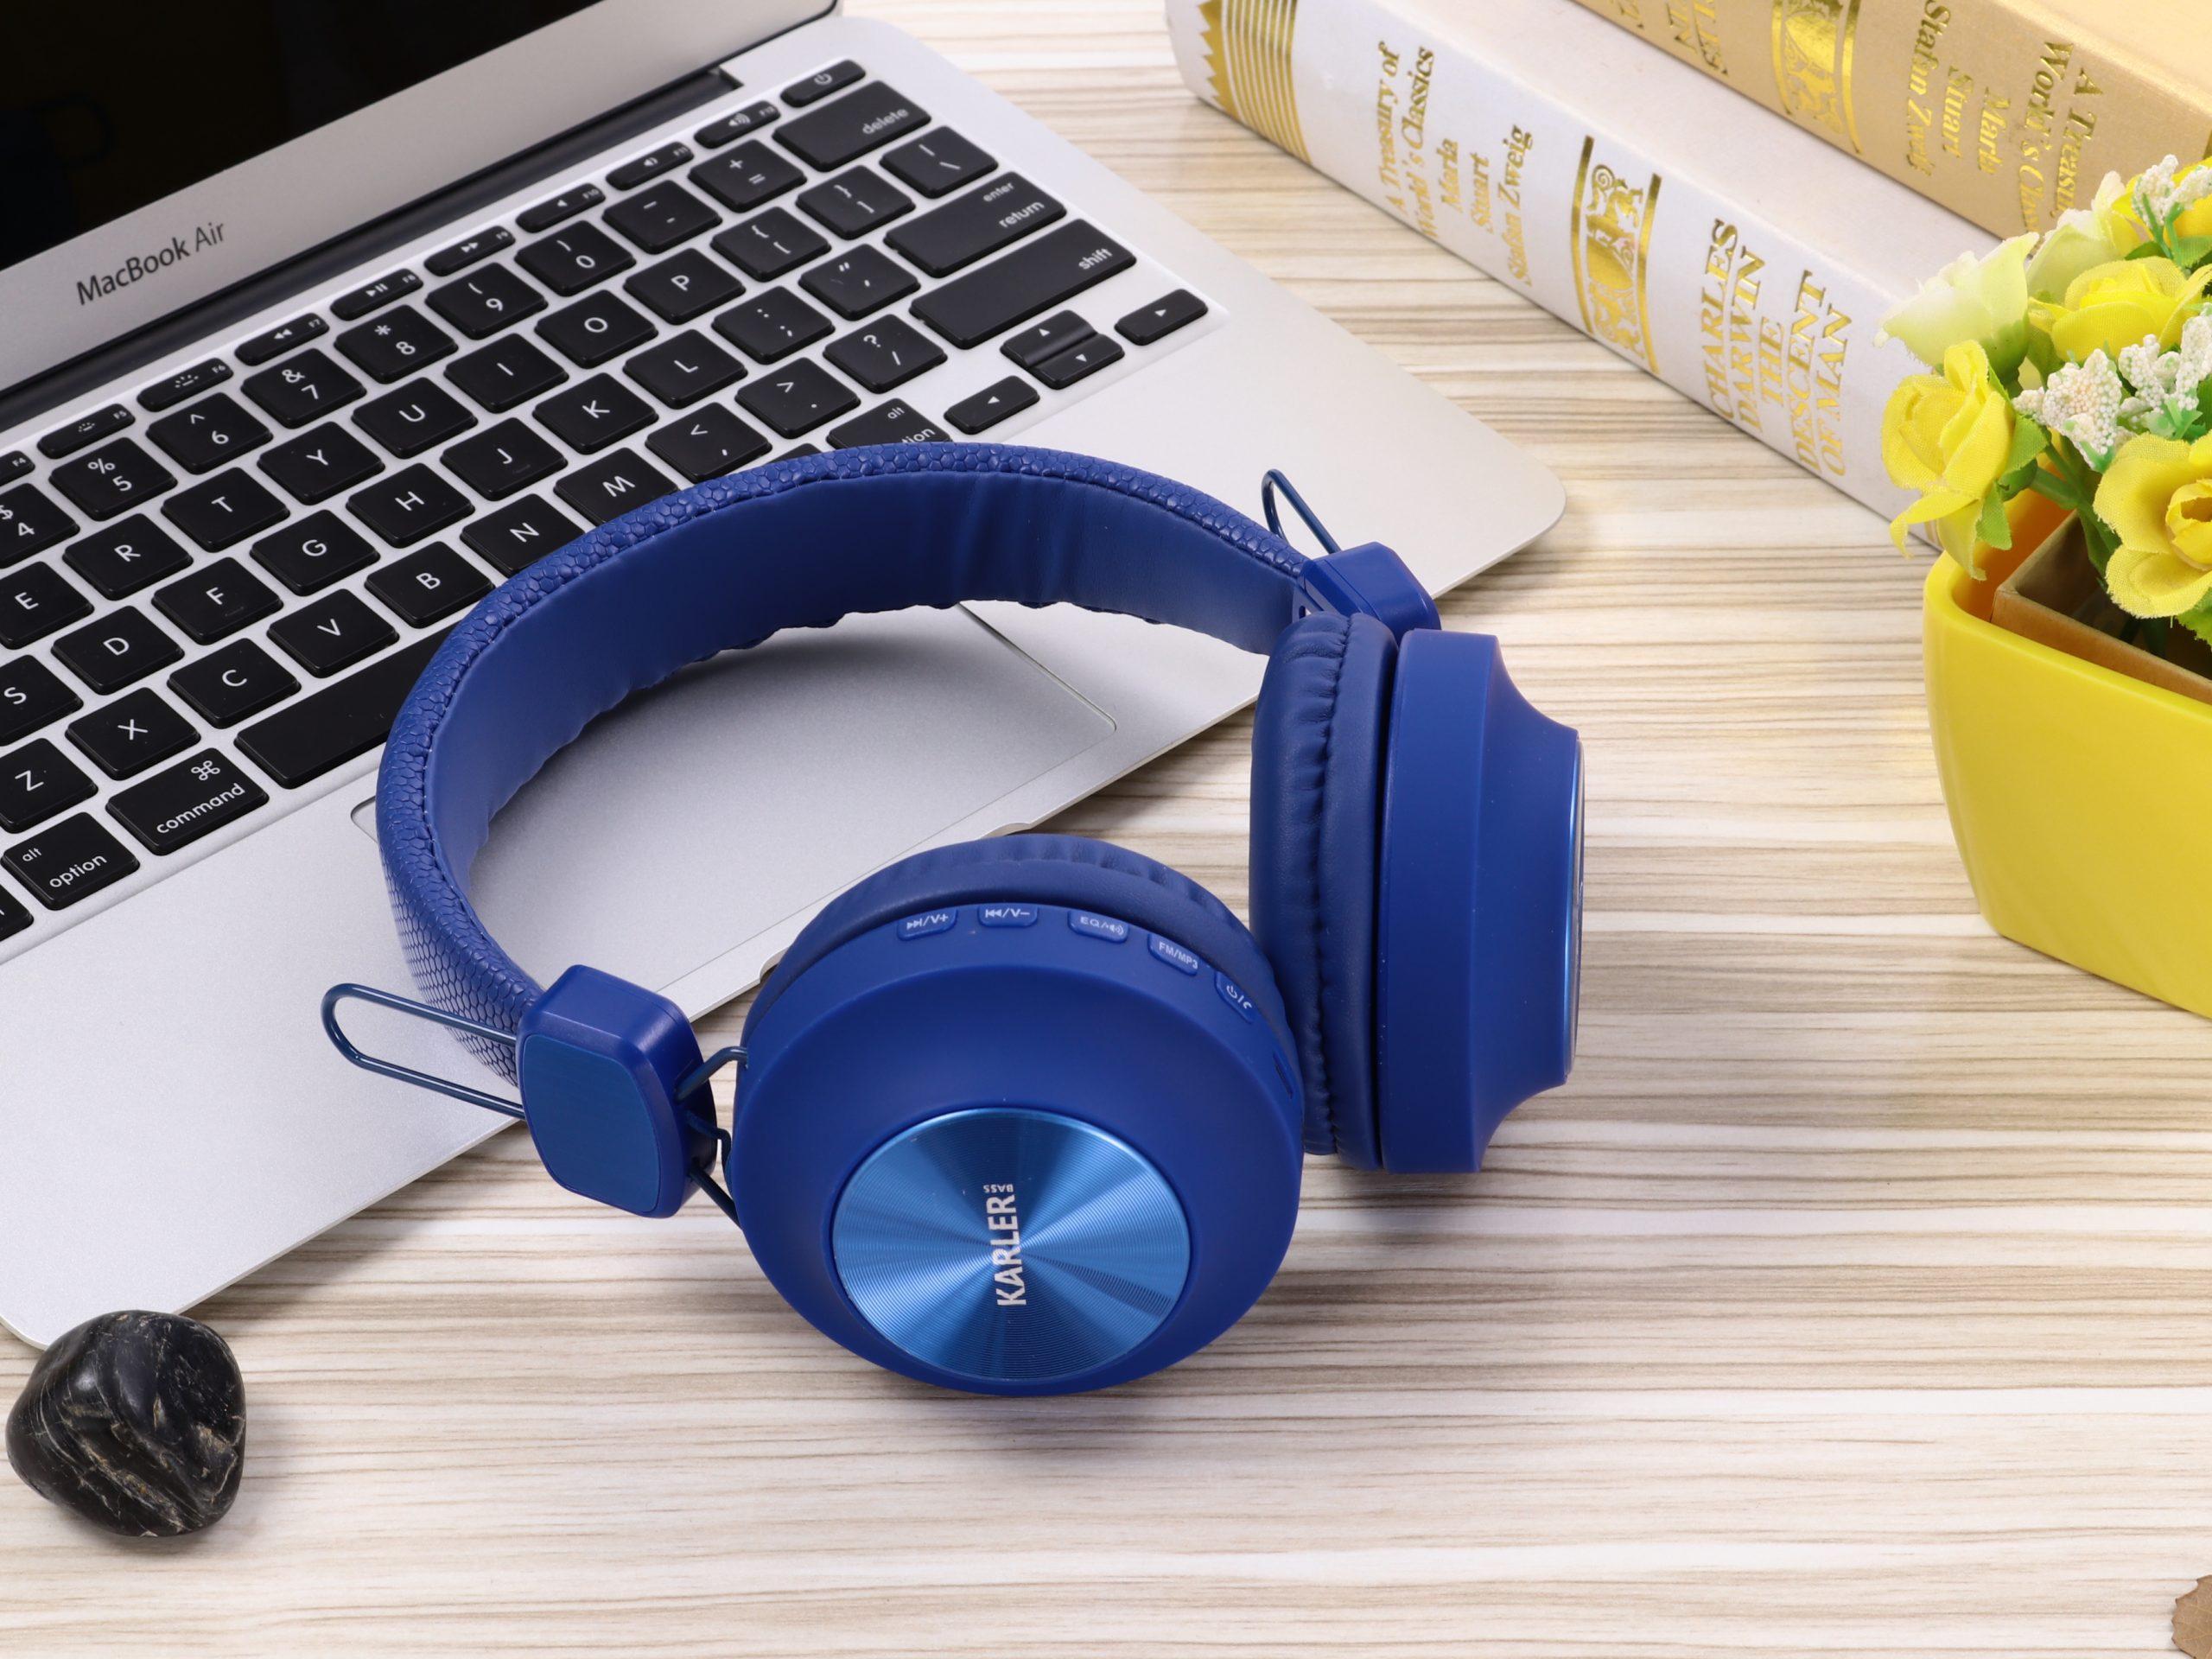 karler bass 008 ασυρματα headphones διαφημιστικό 7